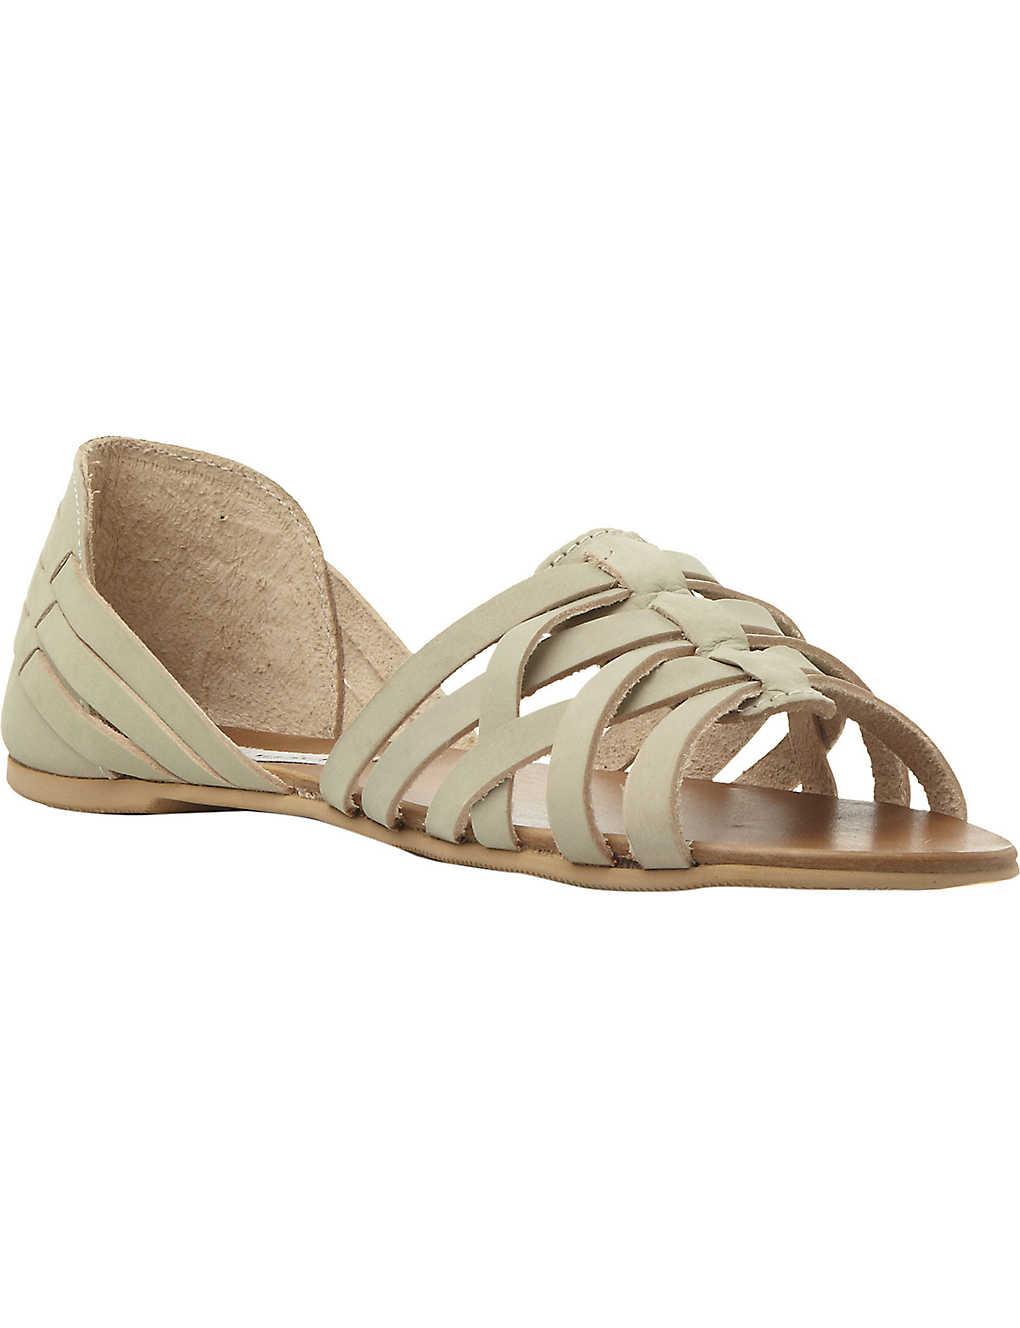 5d5e69a7dd5 STEVE MADDEN - Flute woven huarache leather flat sandals ...